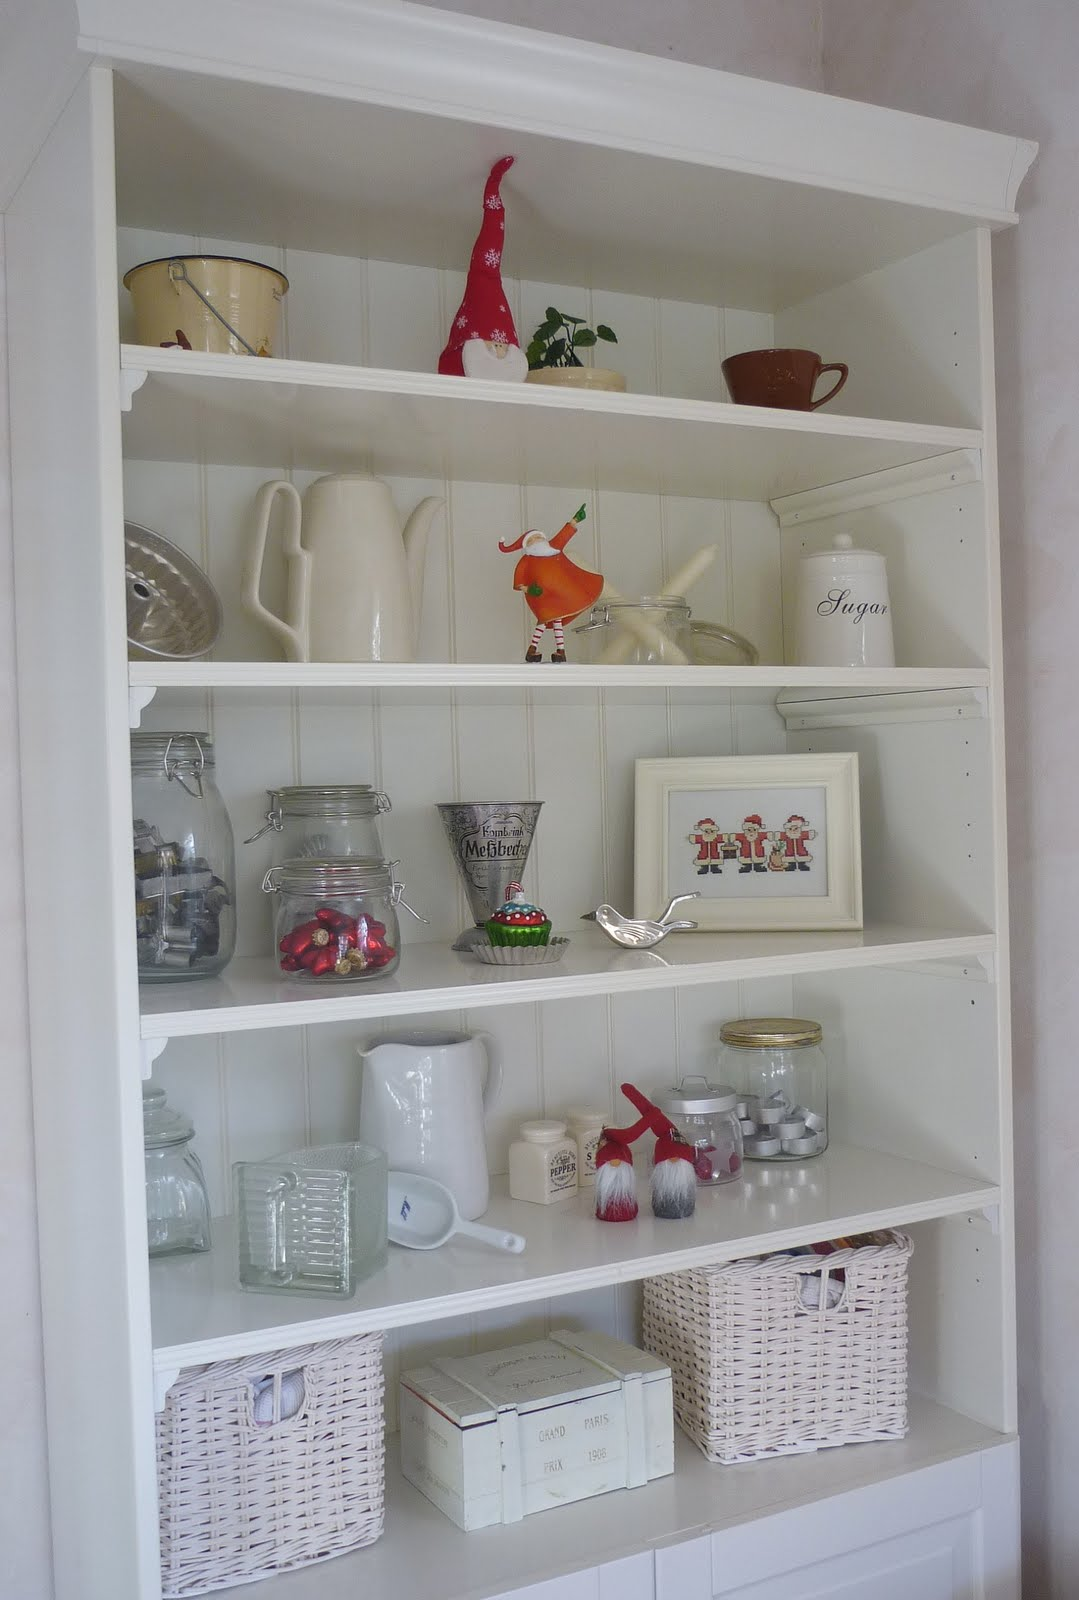 tinkas welt weihnachtliche deko in der k che. Black Bedroom Furniture Sets. Home Design Ideas